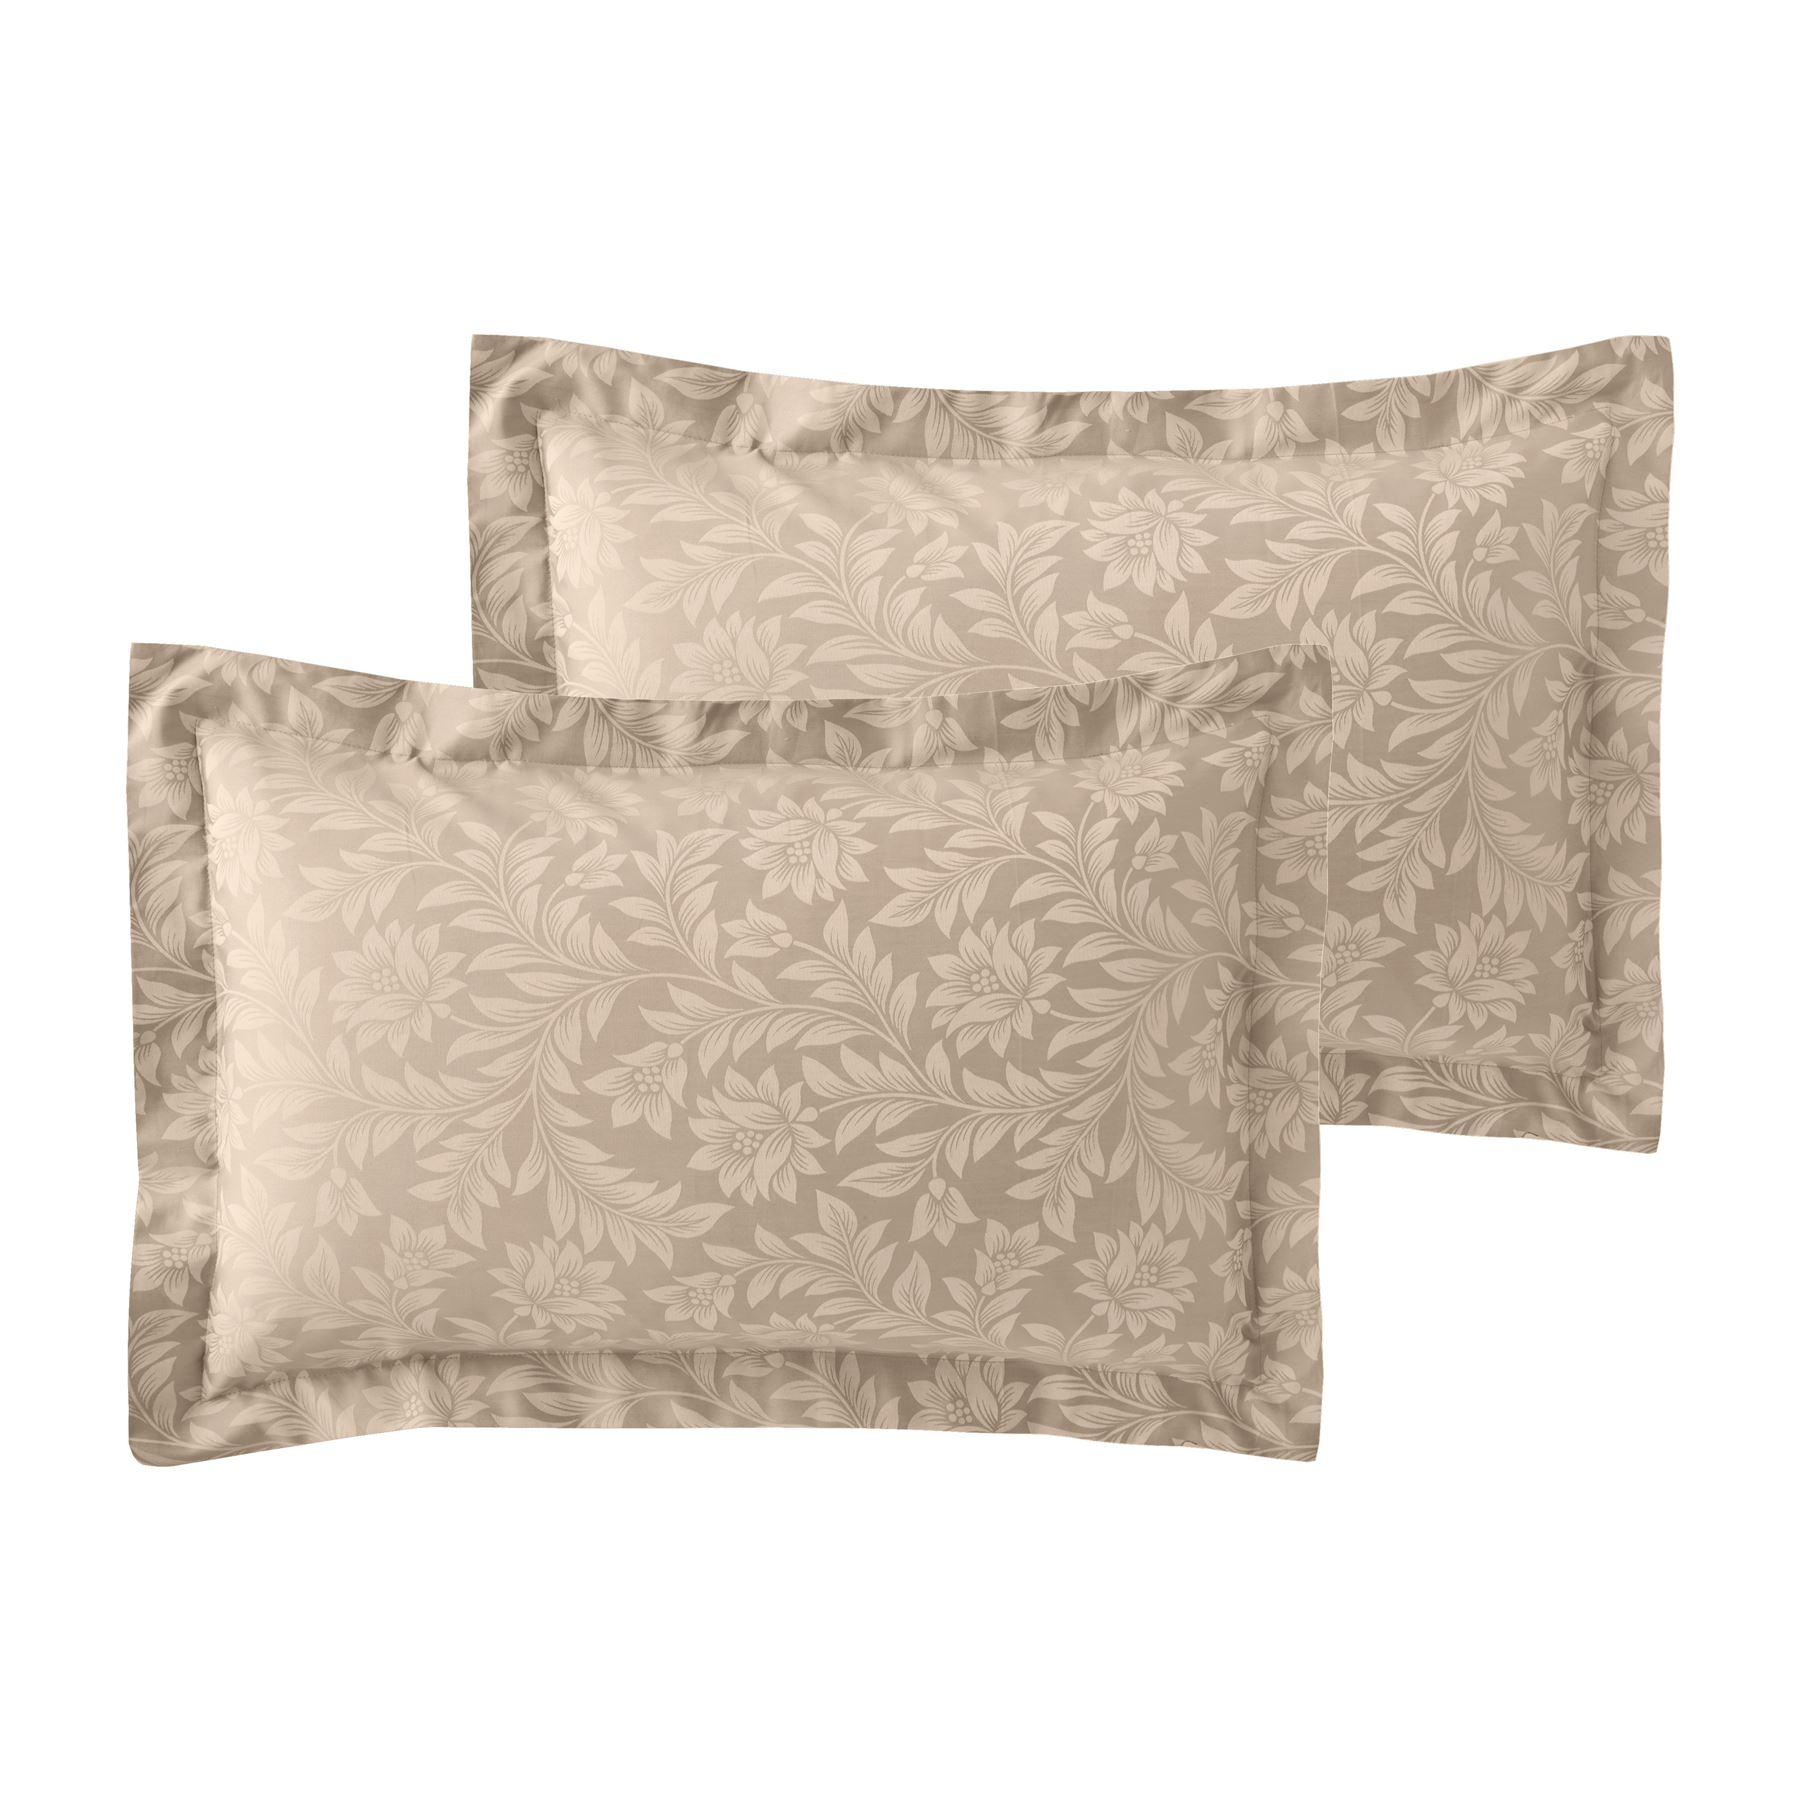 Jacquard-600-Hilos-De-Algodon-Rico-Floral-Duvet-Cover-Set-Fundas-de-almohada-Oxford miniatura 19